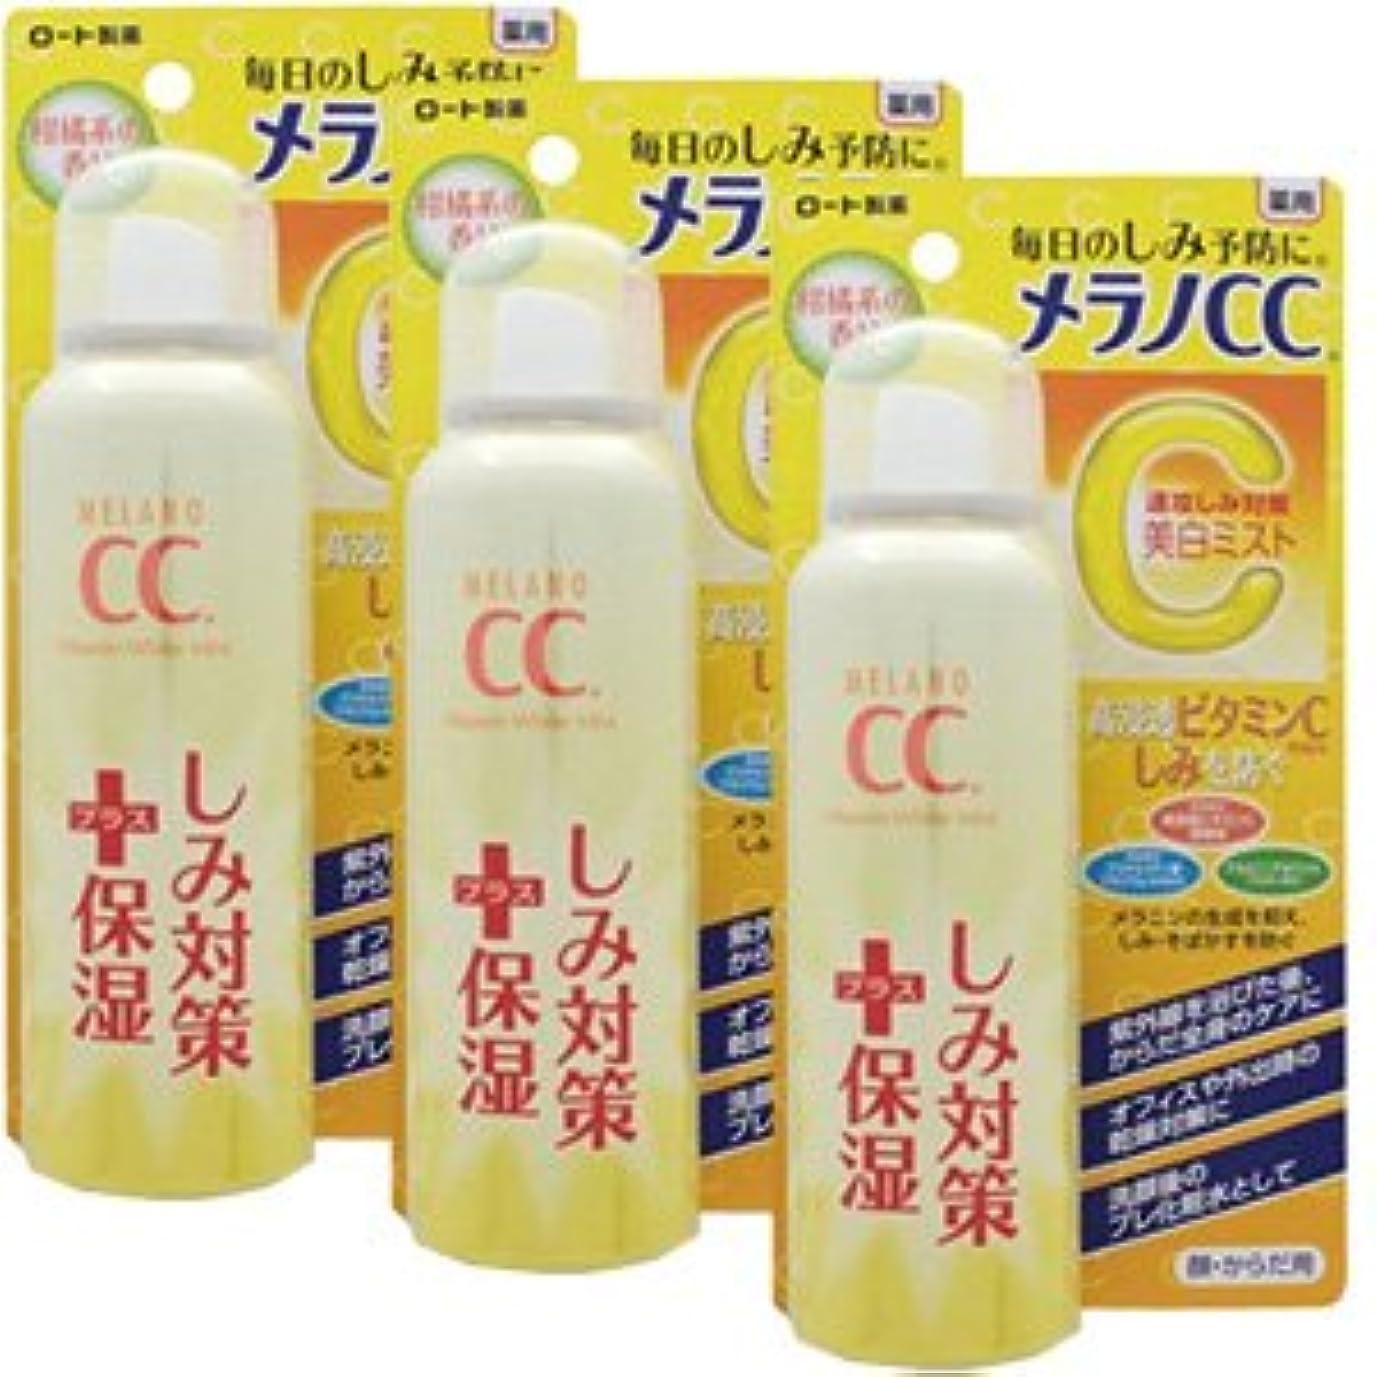 ドレスようこそ勧める【3個】メラノCC 薬用しみ対策美白ミスト化粧水 100gx3個